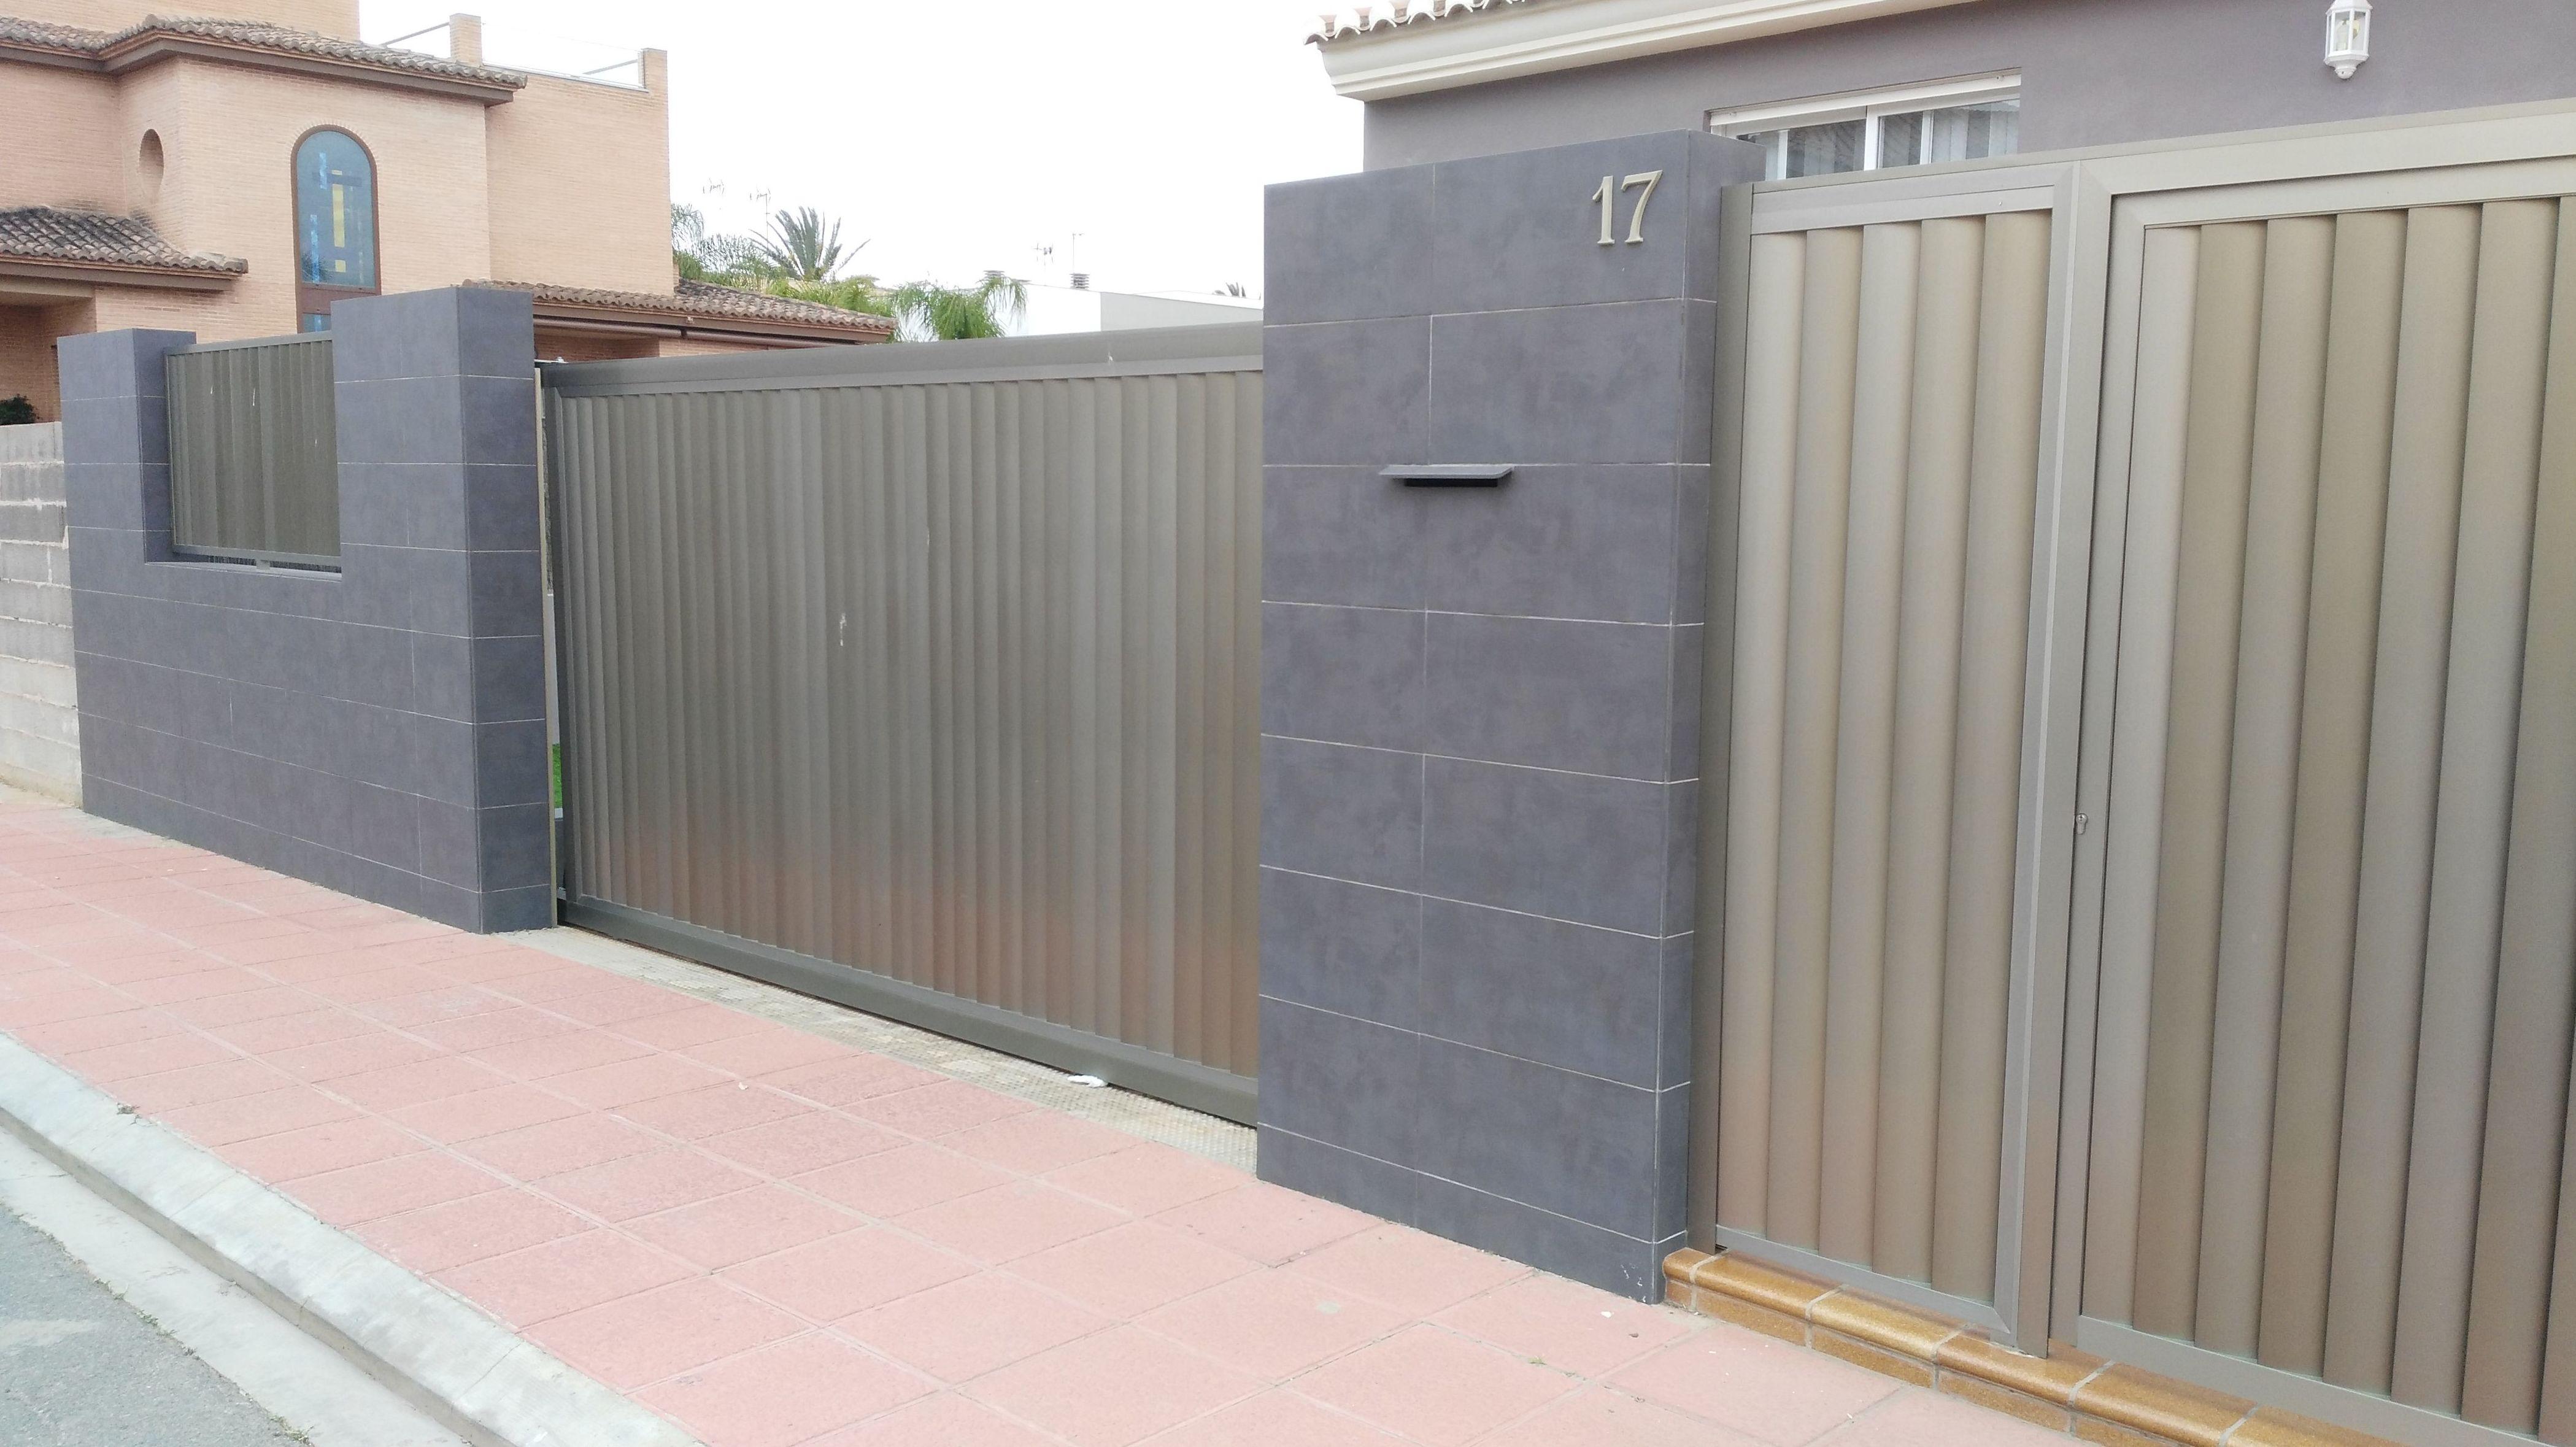 Vallado y puertas de entrada a unifamiliar de aluminio anodizado inox